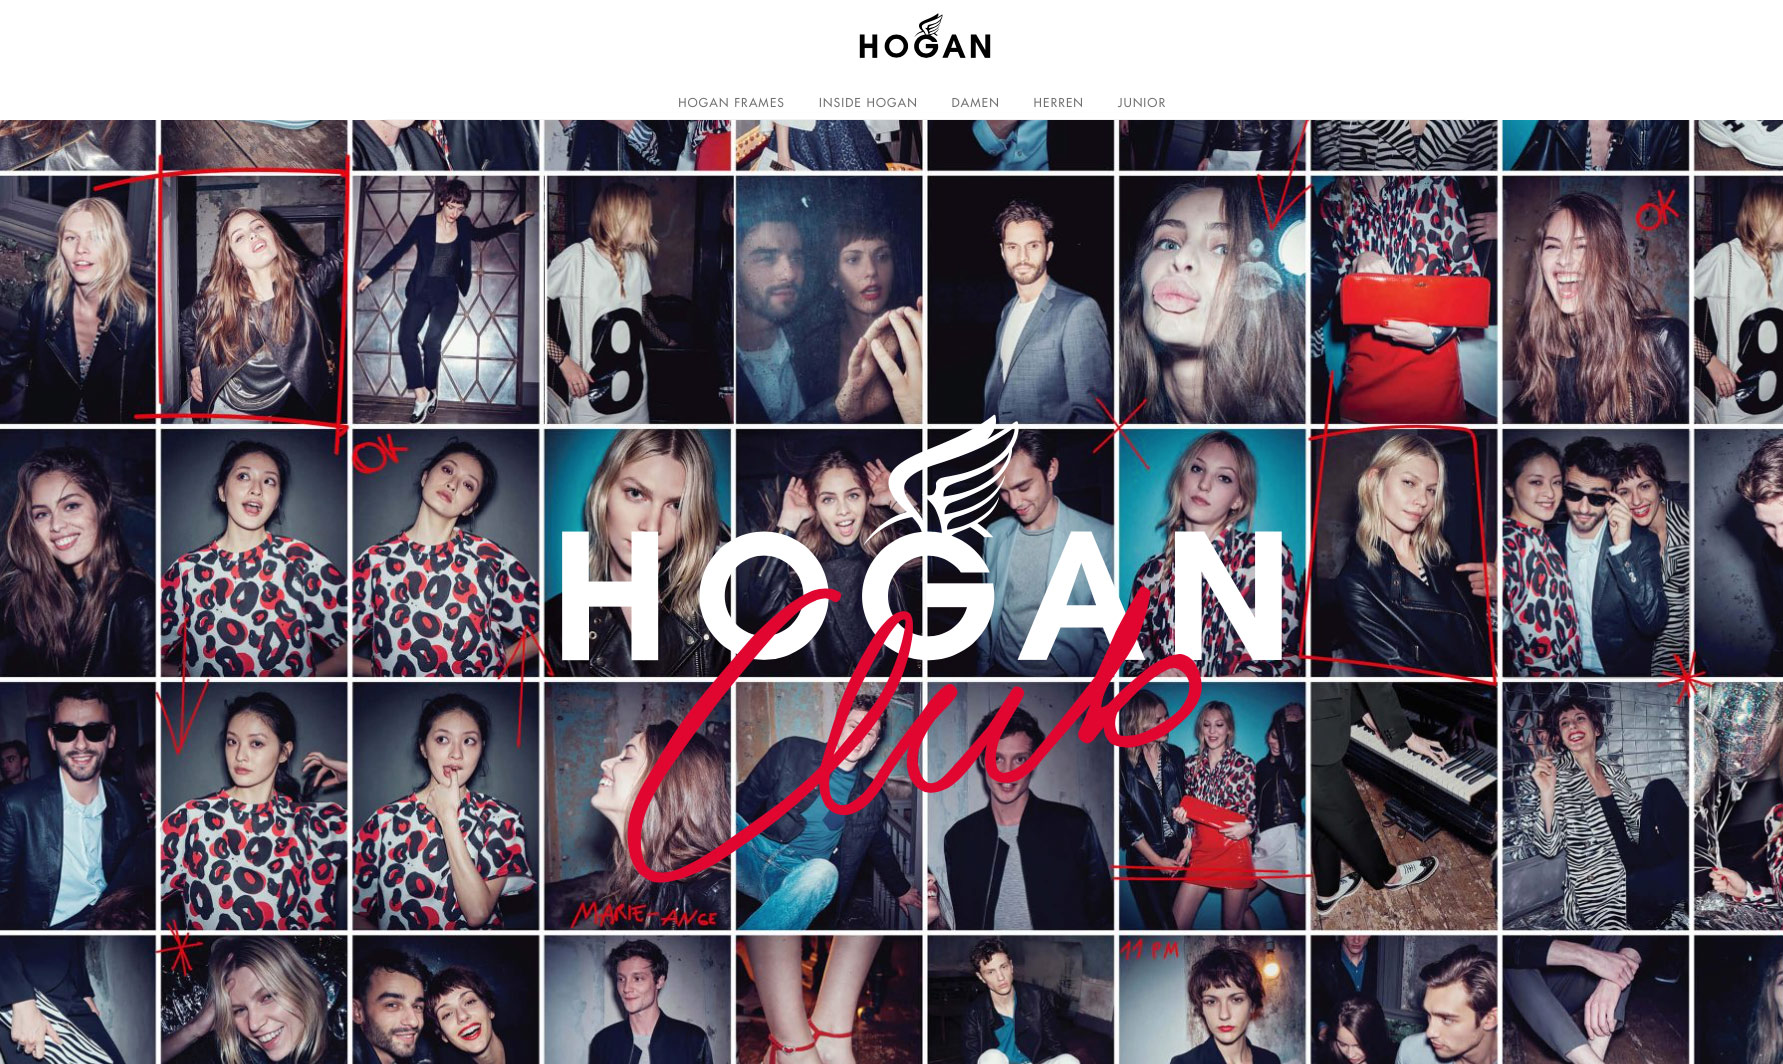 KT_Hogan_web_01.jpg